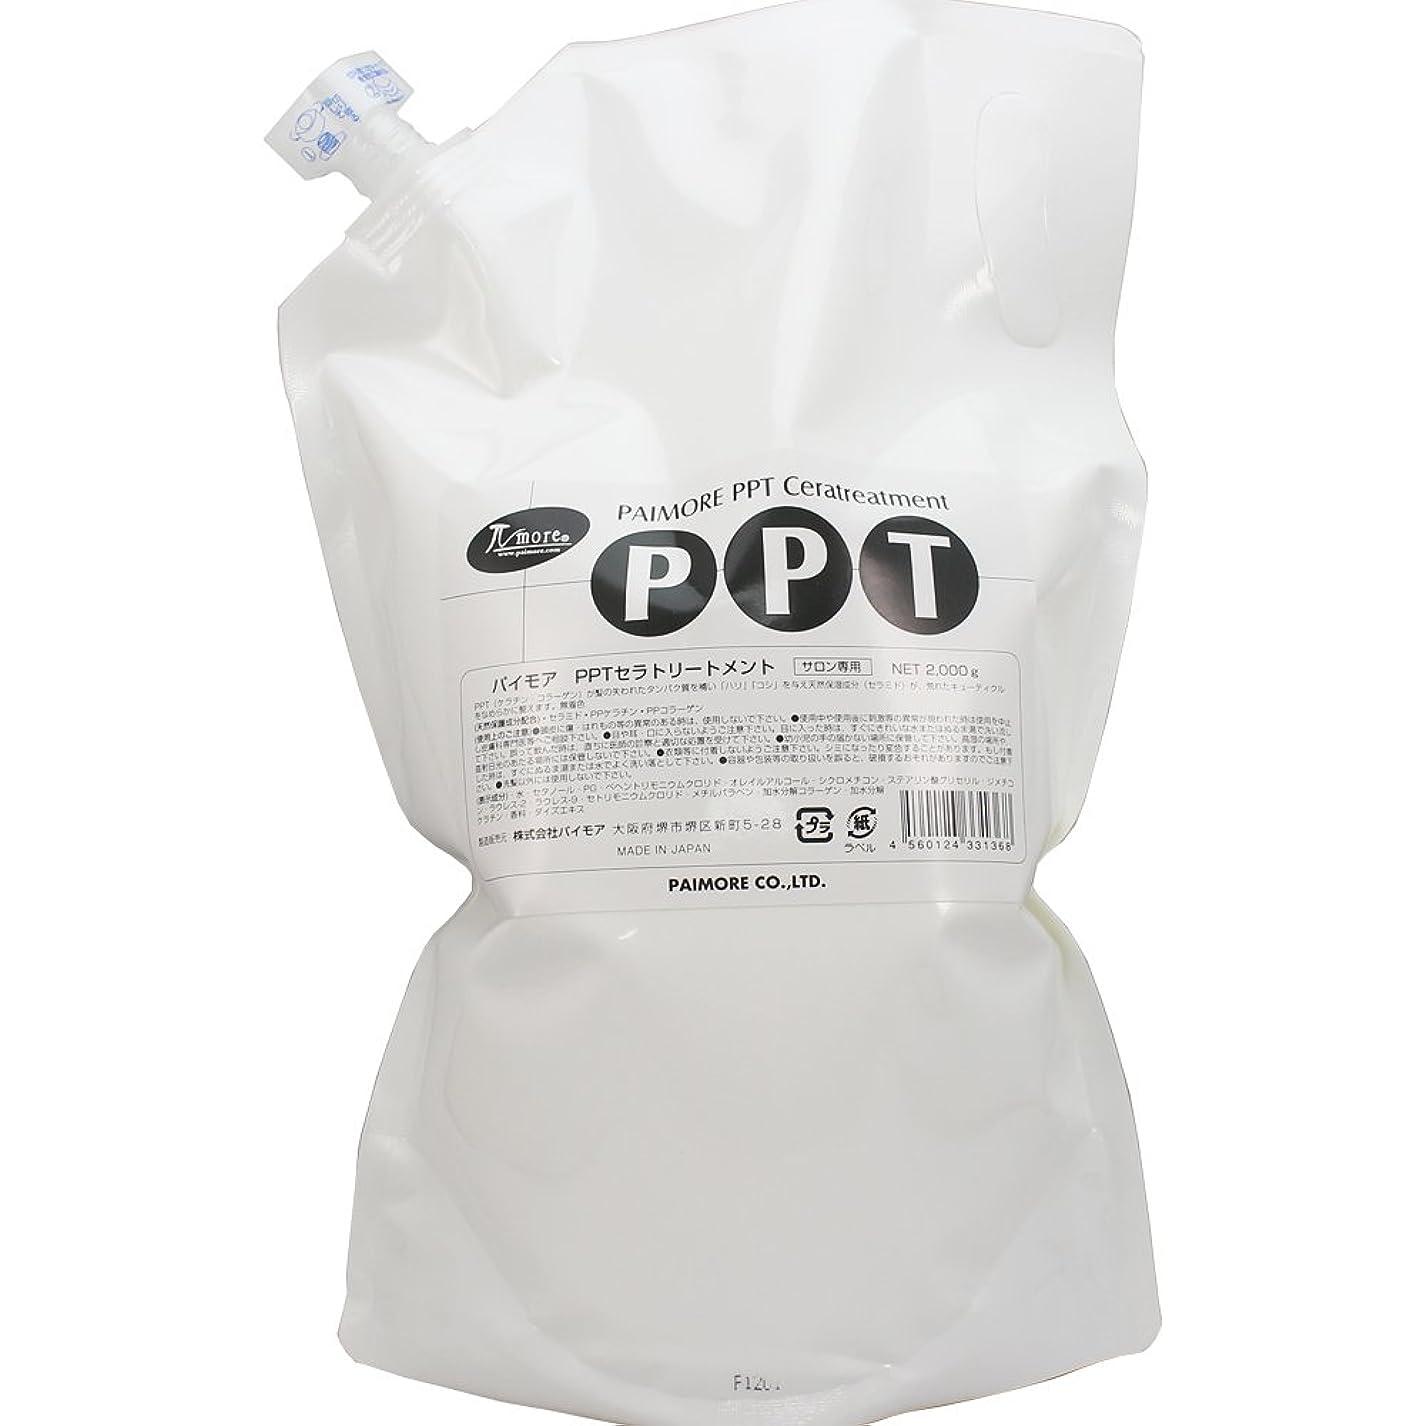 羊飼い繁栄するアベニューπmore 2000g パイモア PPT Cera Treatment PPTセラトリートメント 詰め替え